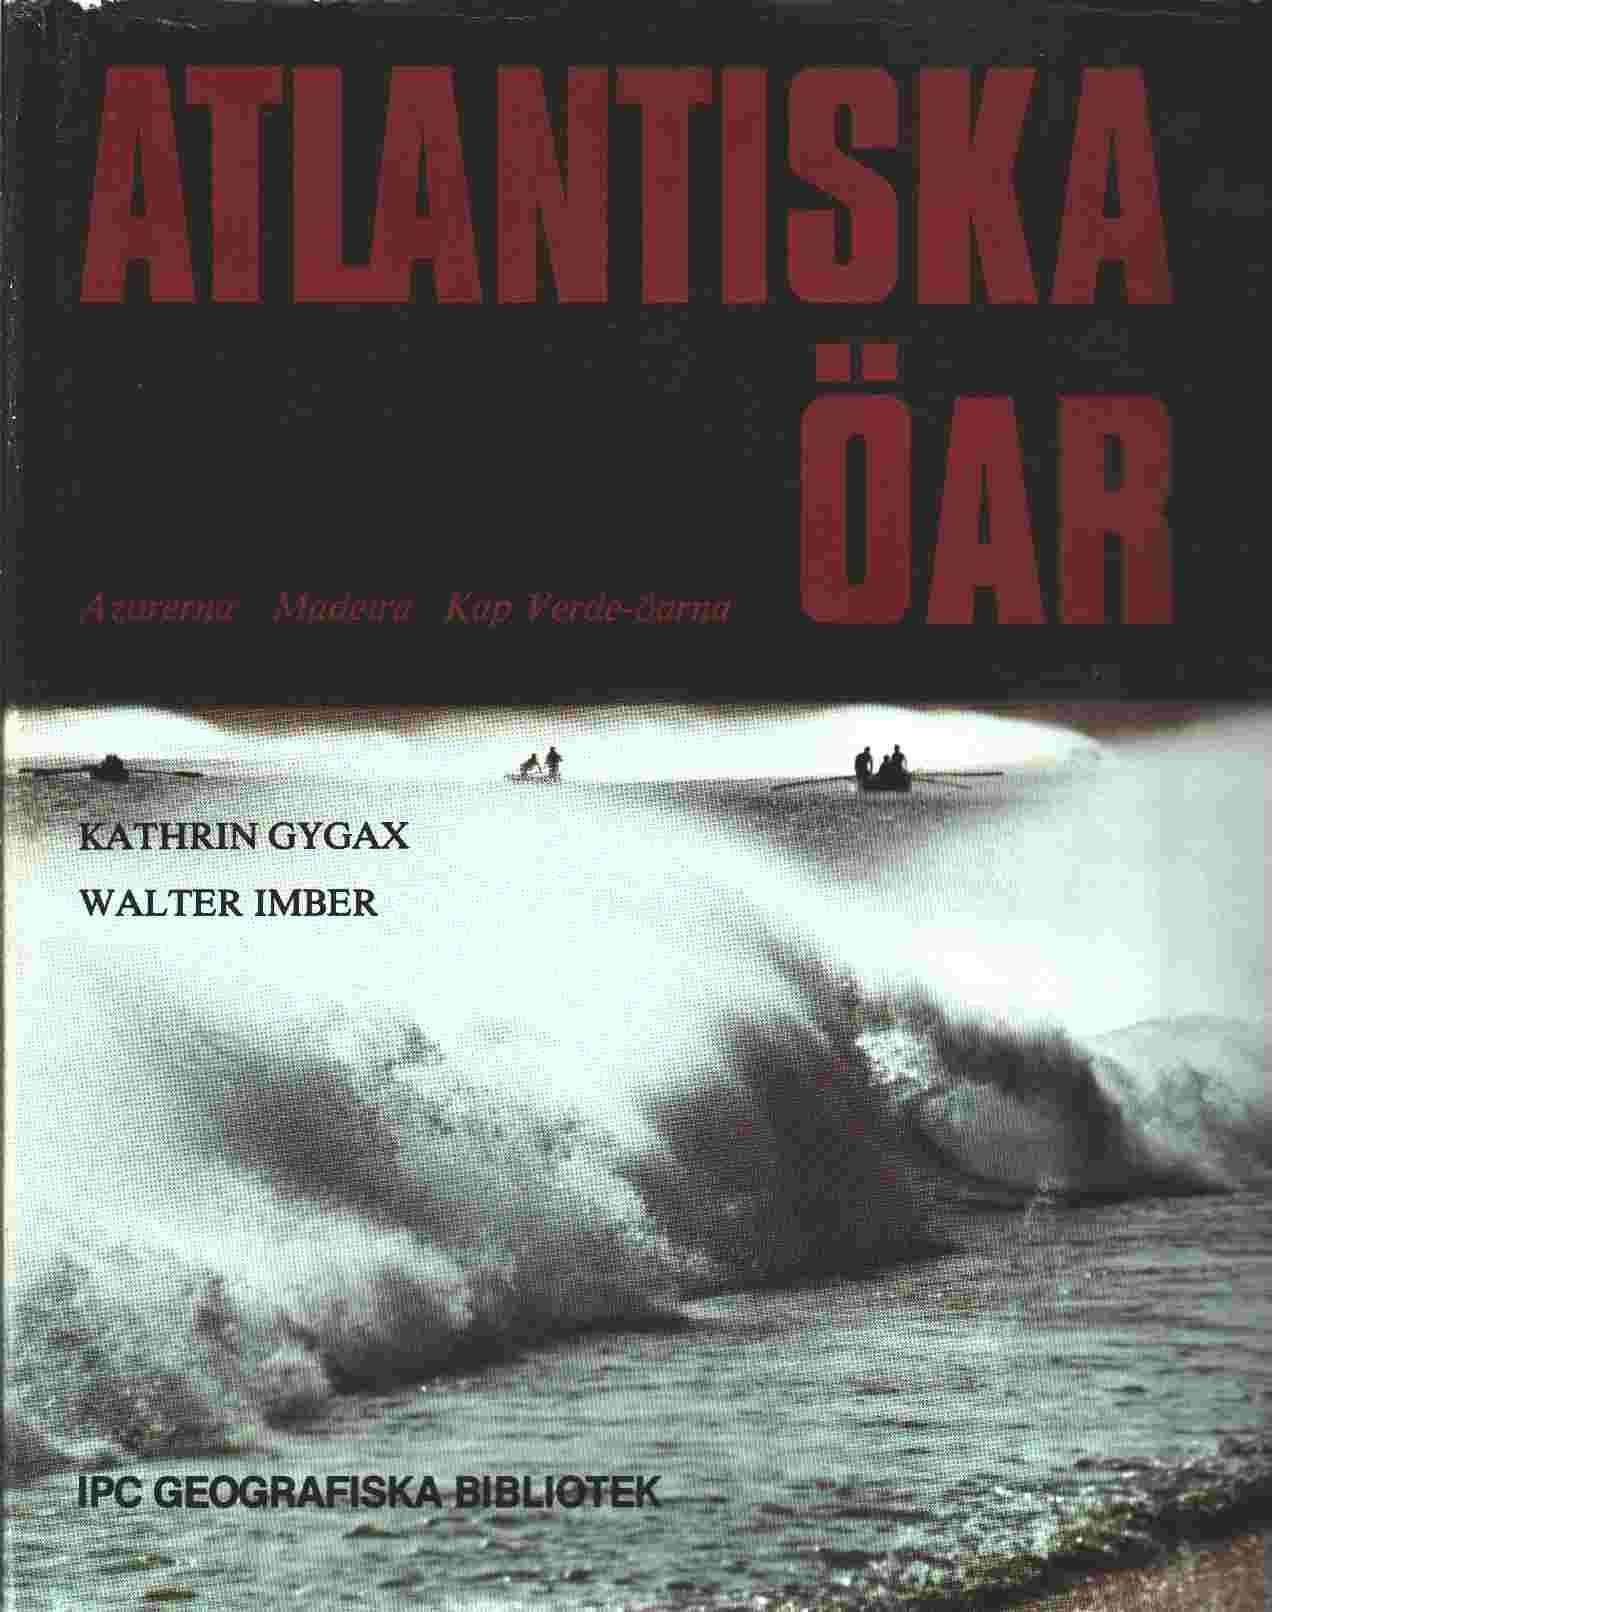 Atlantiska öar : Azorerna, Madeira, Kap Verde-öarna - Imber, Walter  och  Gygax, Kathrin